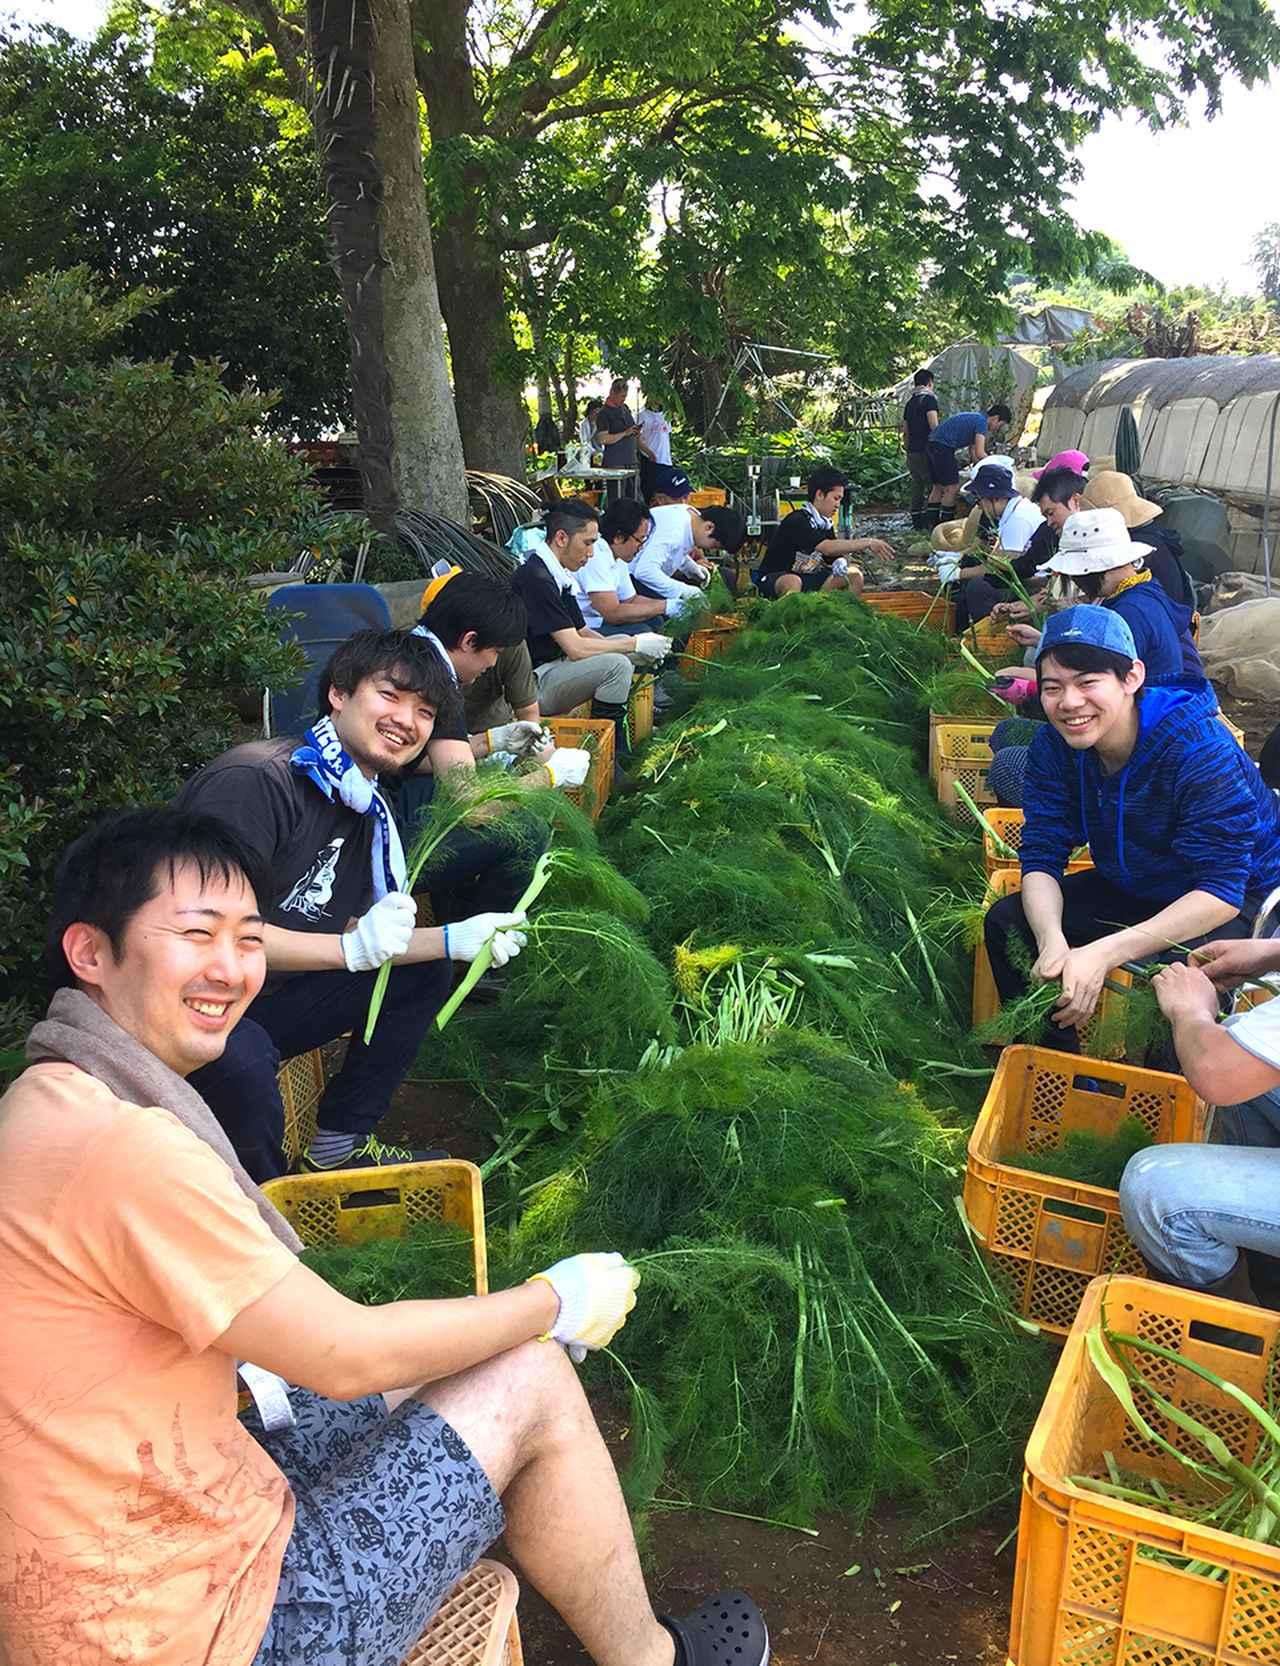 画像 : 5番目の画像 - 「「ブリコラージュ」の お皿を作るものと人<Vol.6> ――畑の中のクリエーター 「エコファームアサノ」」のアルバム - T JAPAN:The New York Times Style Magazine 公式サイト